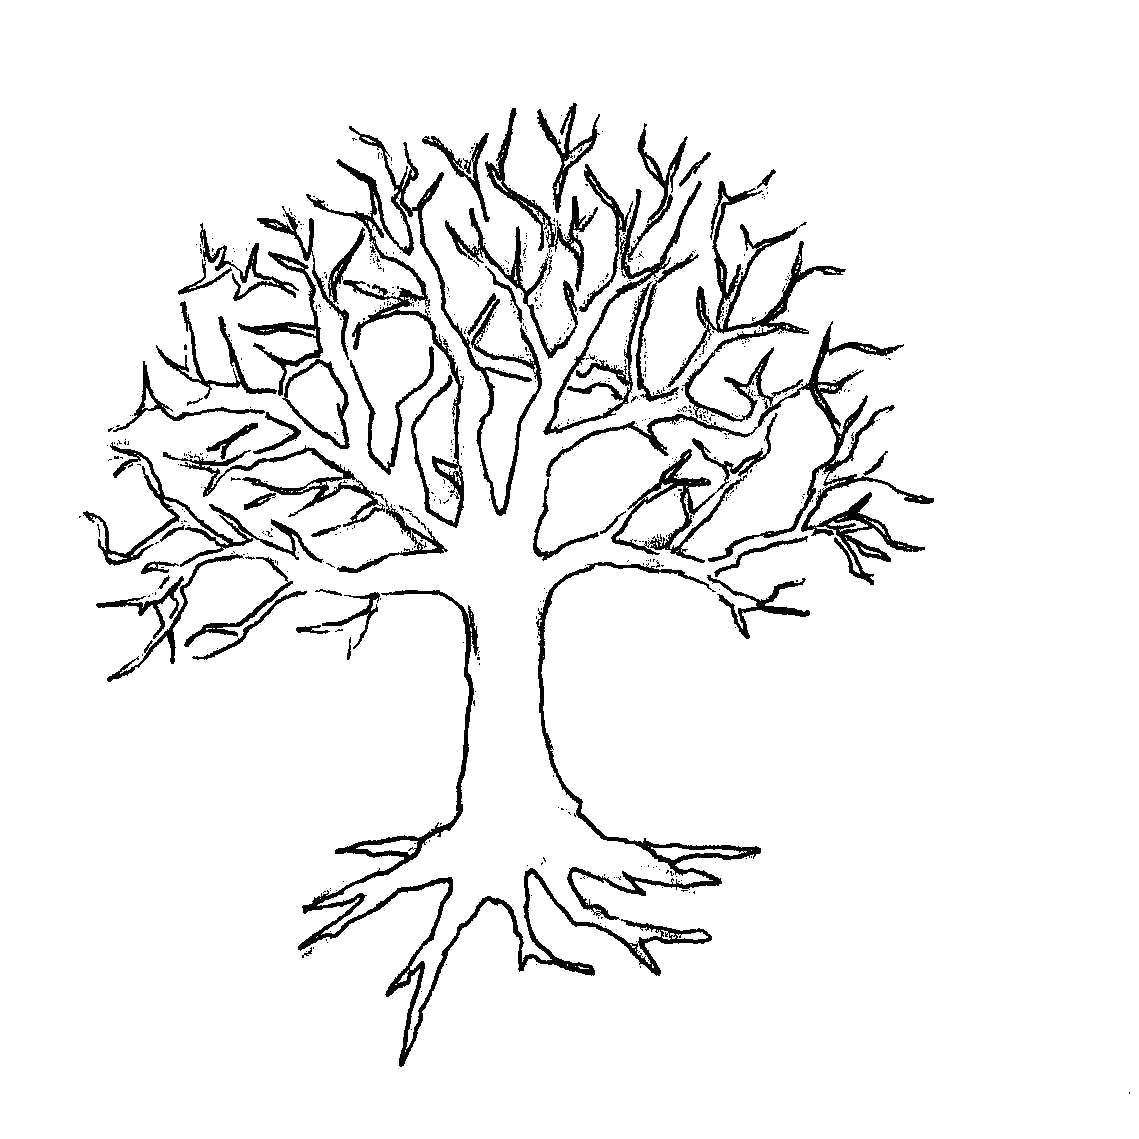 Раскраска  деревья аппликация дерево без листьев. Скачать дерево.  Распечатать растения